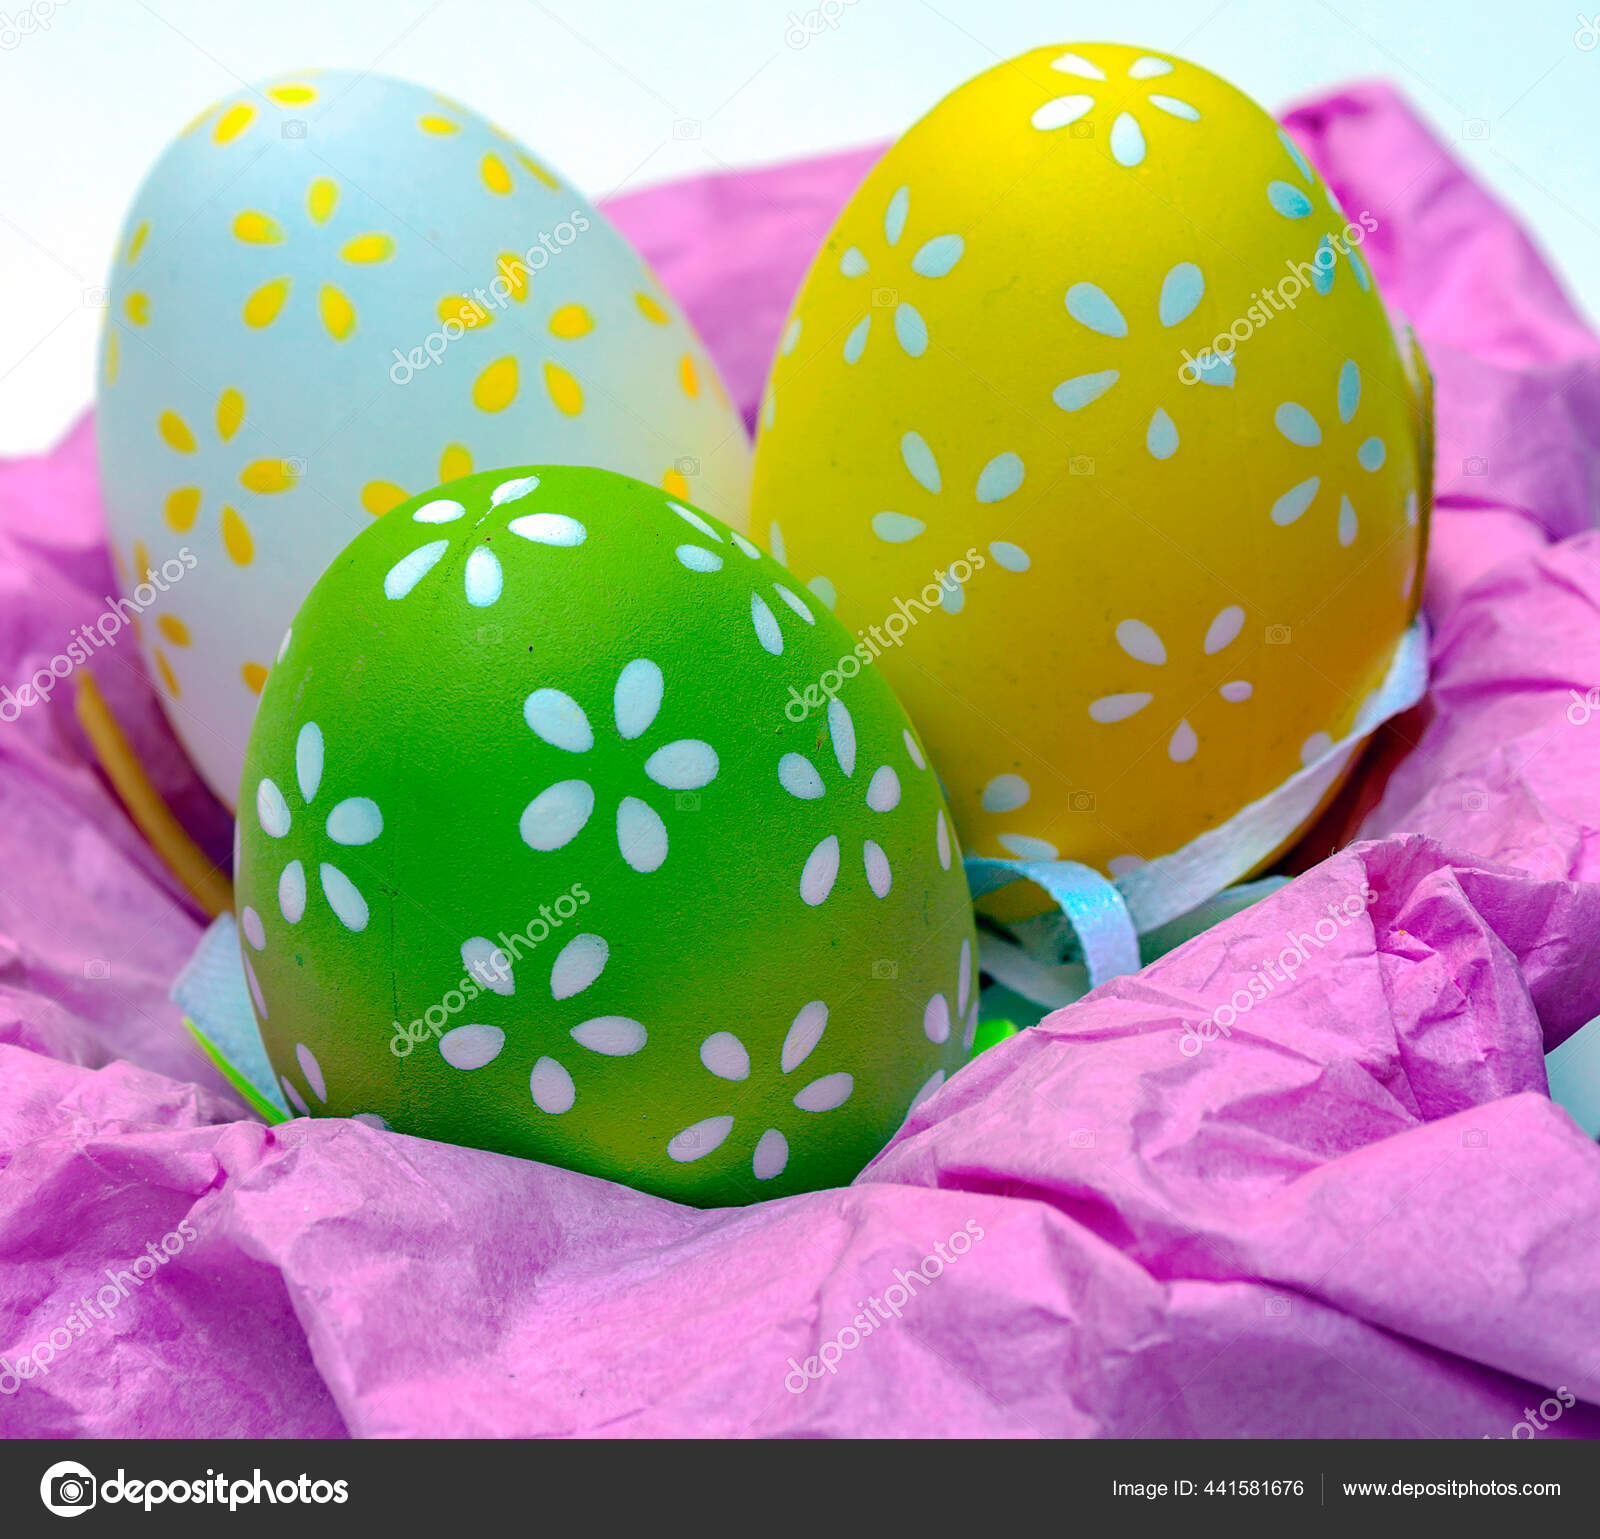 Telur Paskah Dikelilingi Oleh Latar Belakang Putih Stok Foto C Grantotufo 441581676